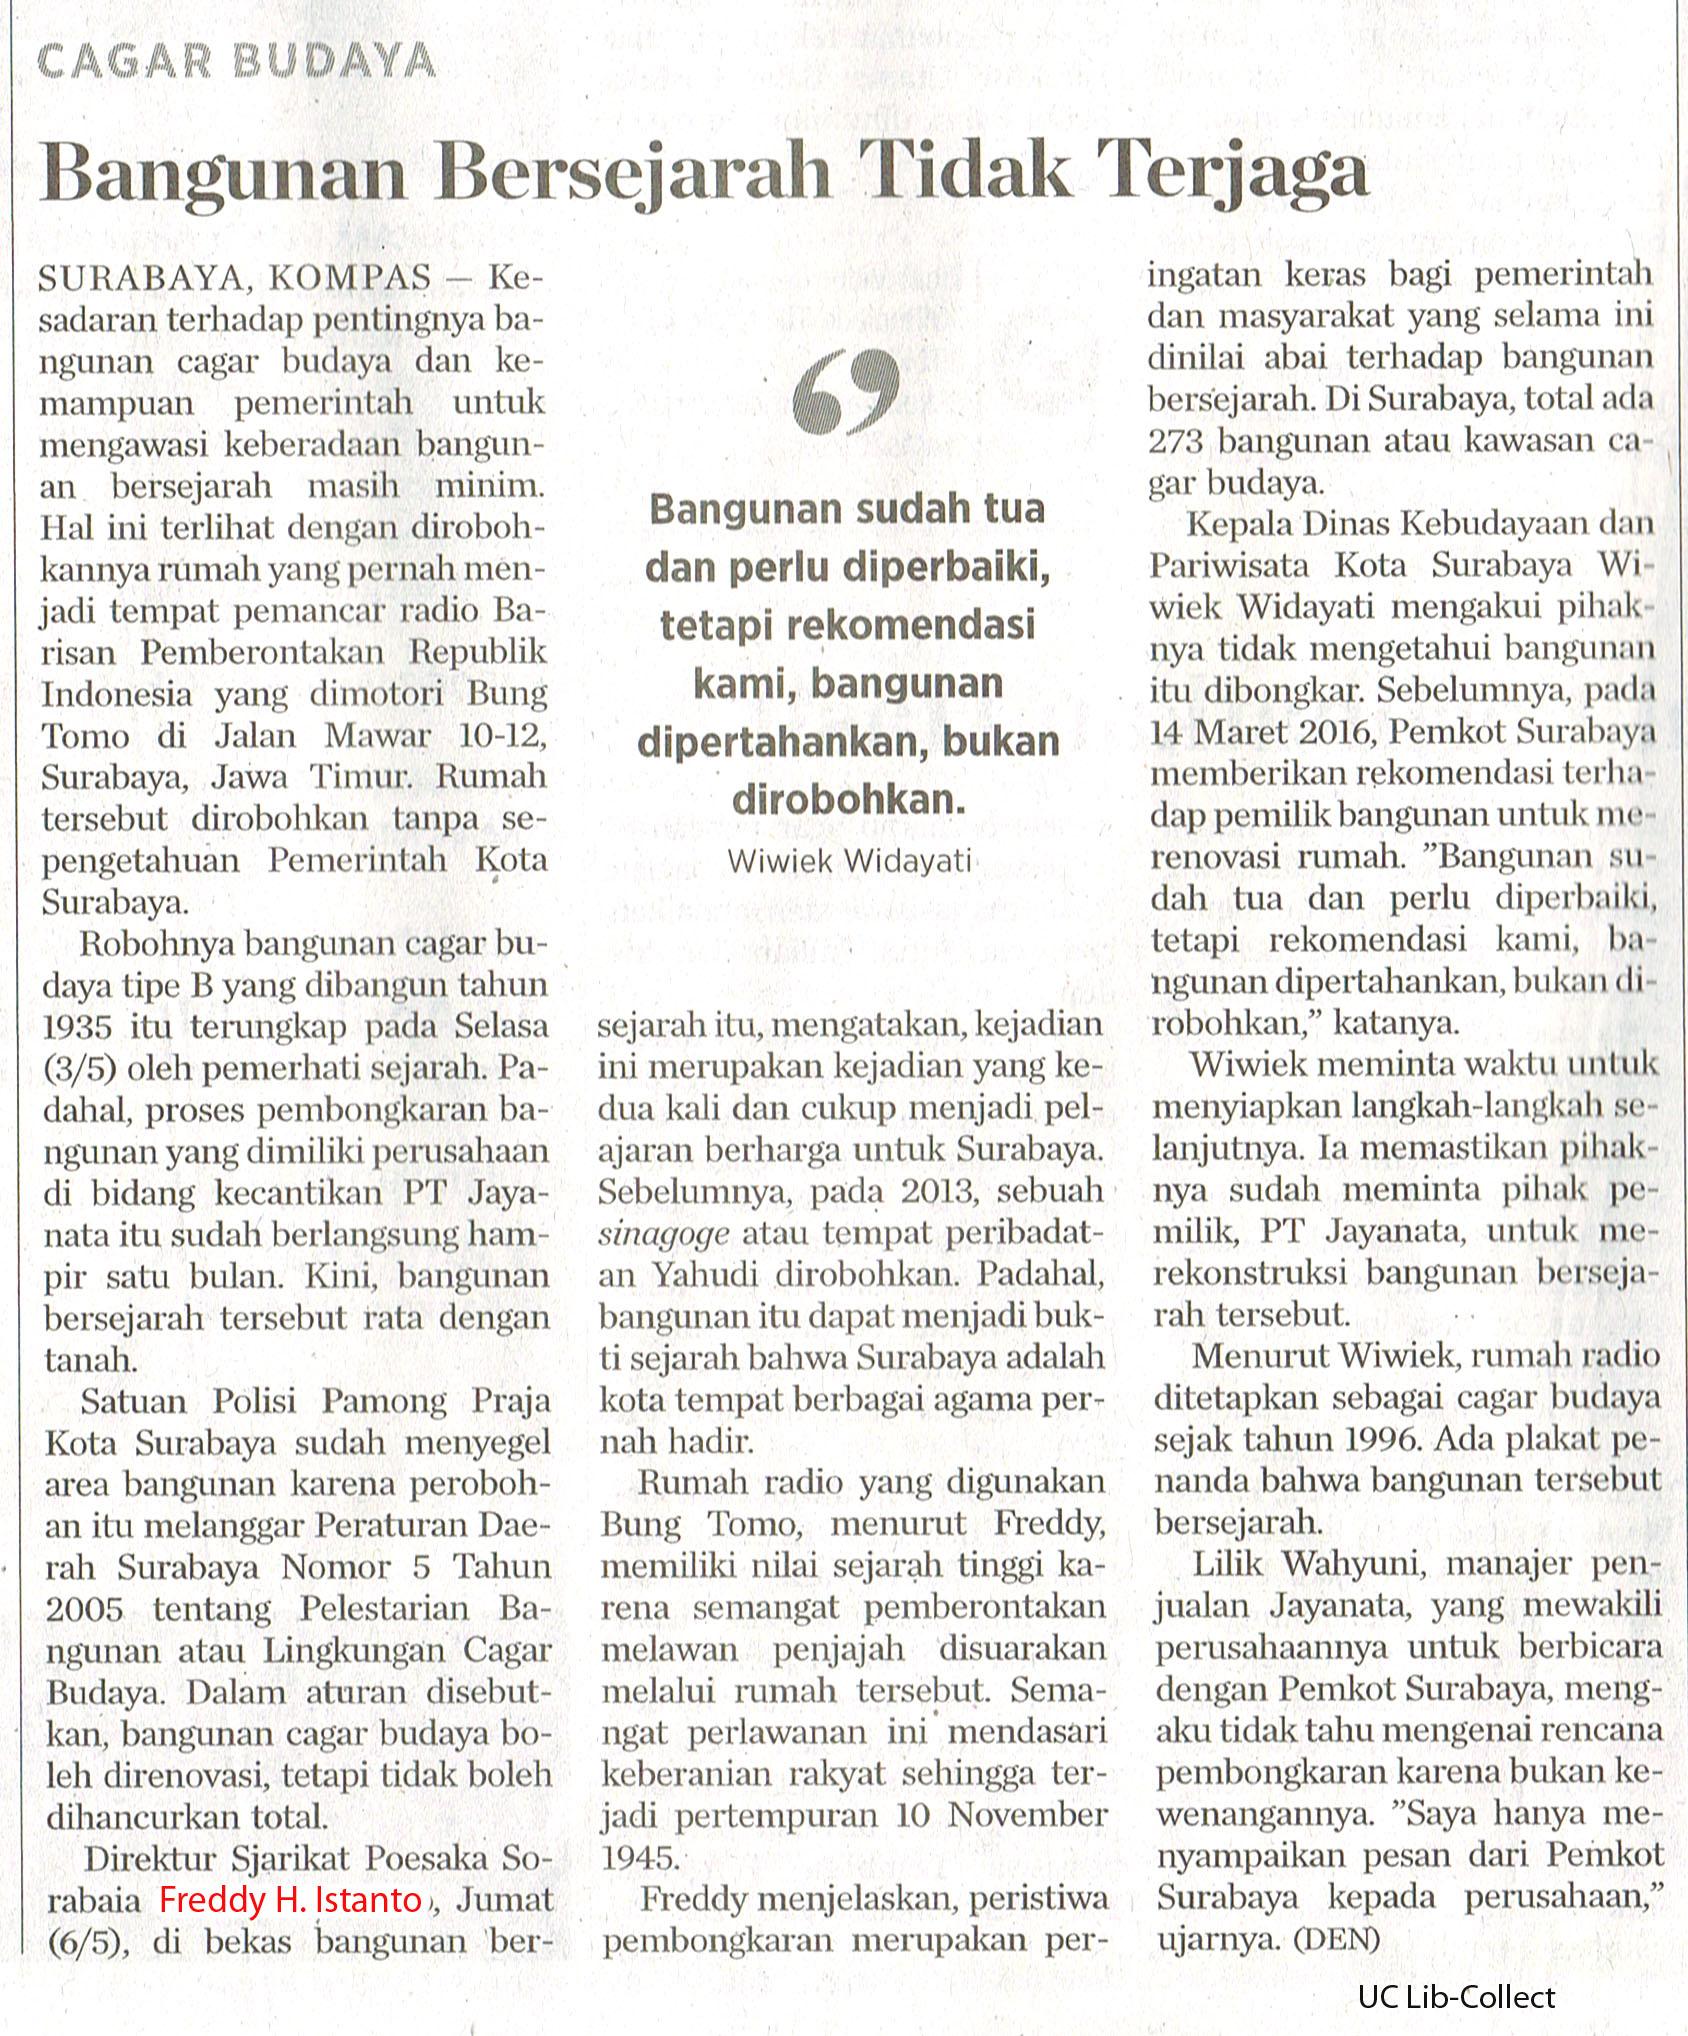 Cagar Budaya_Bangunan Bersejarah Tidak Terjaga.Kompas. 7 Mei 2016.Hal.12